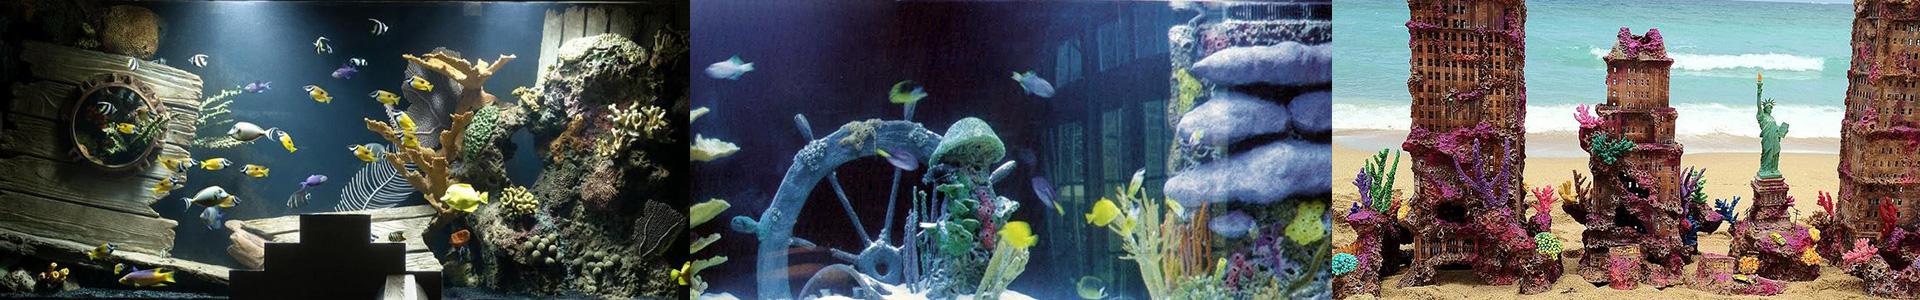 Тематический дизайн аквариума